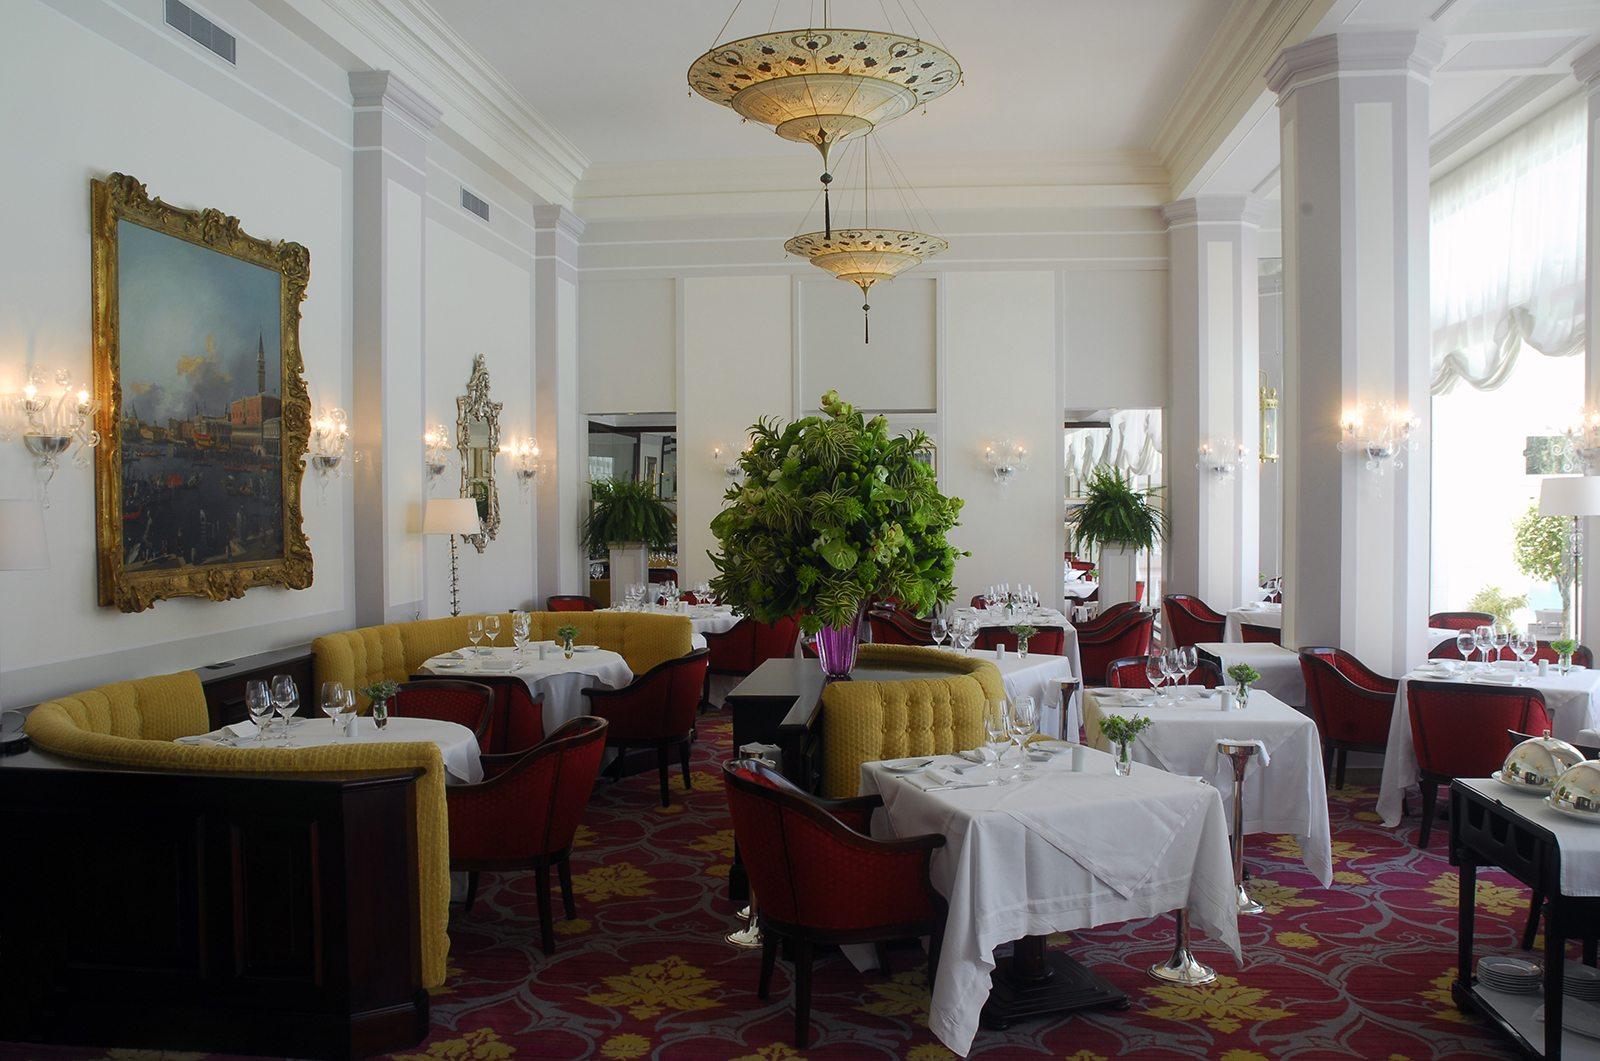 Sala ristorante Hotel Cipriani con lampade Fortuny Scheherazade